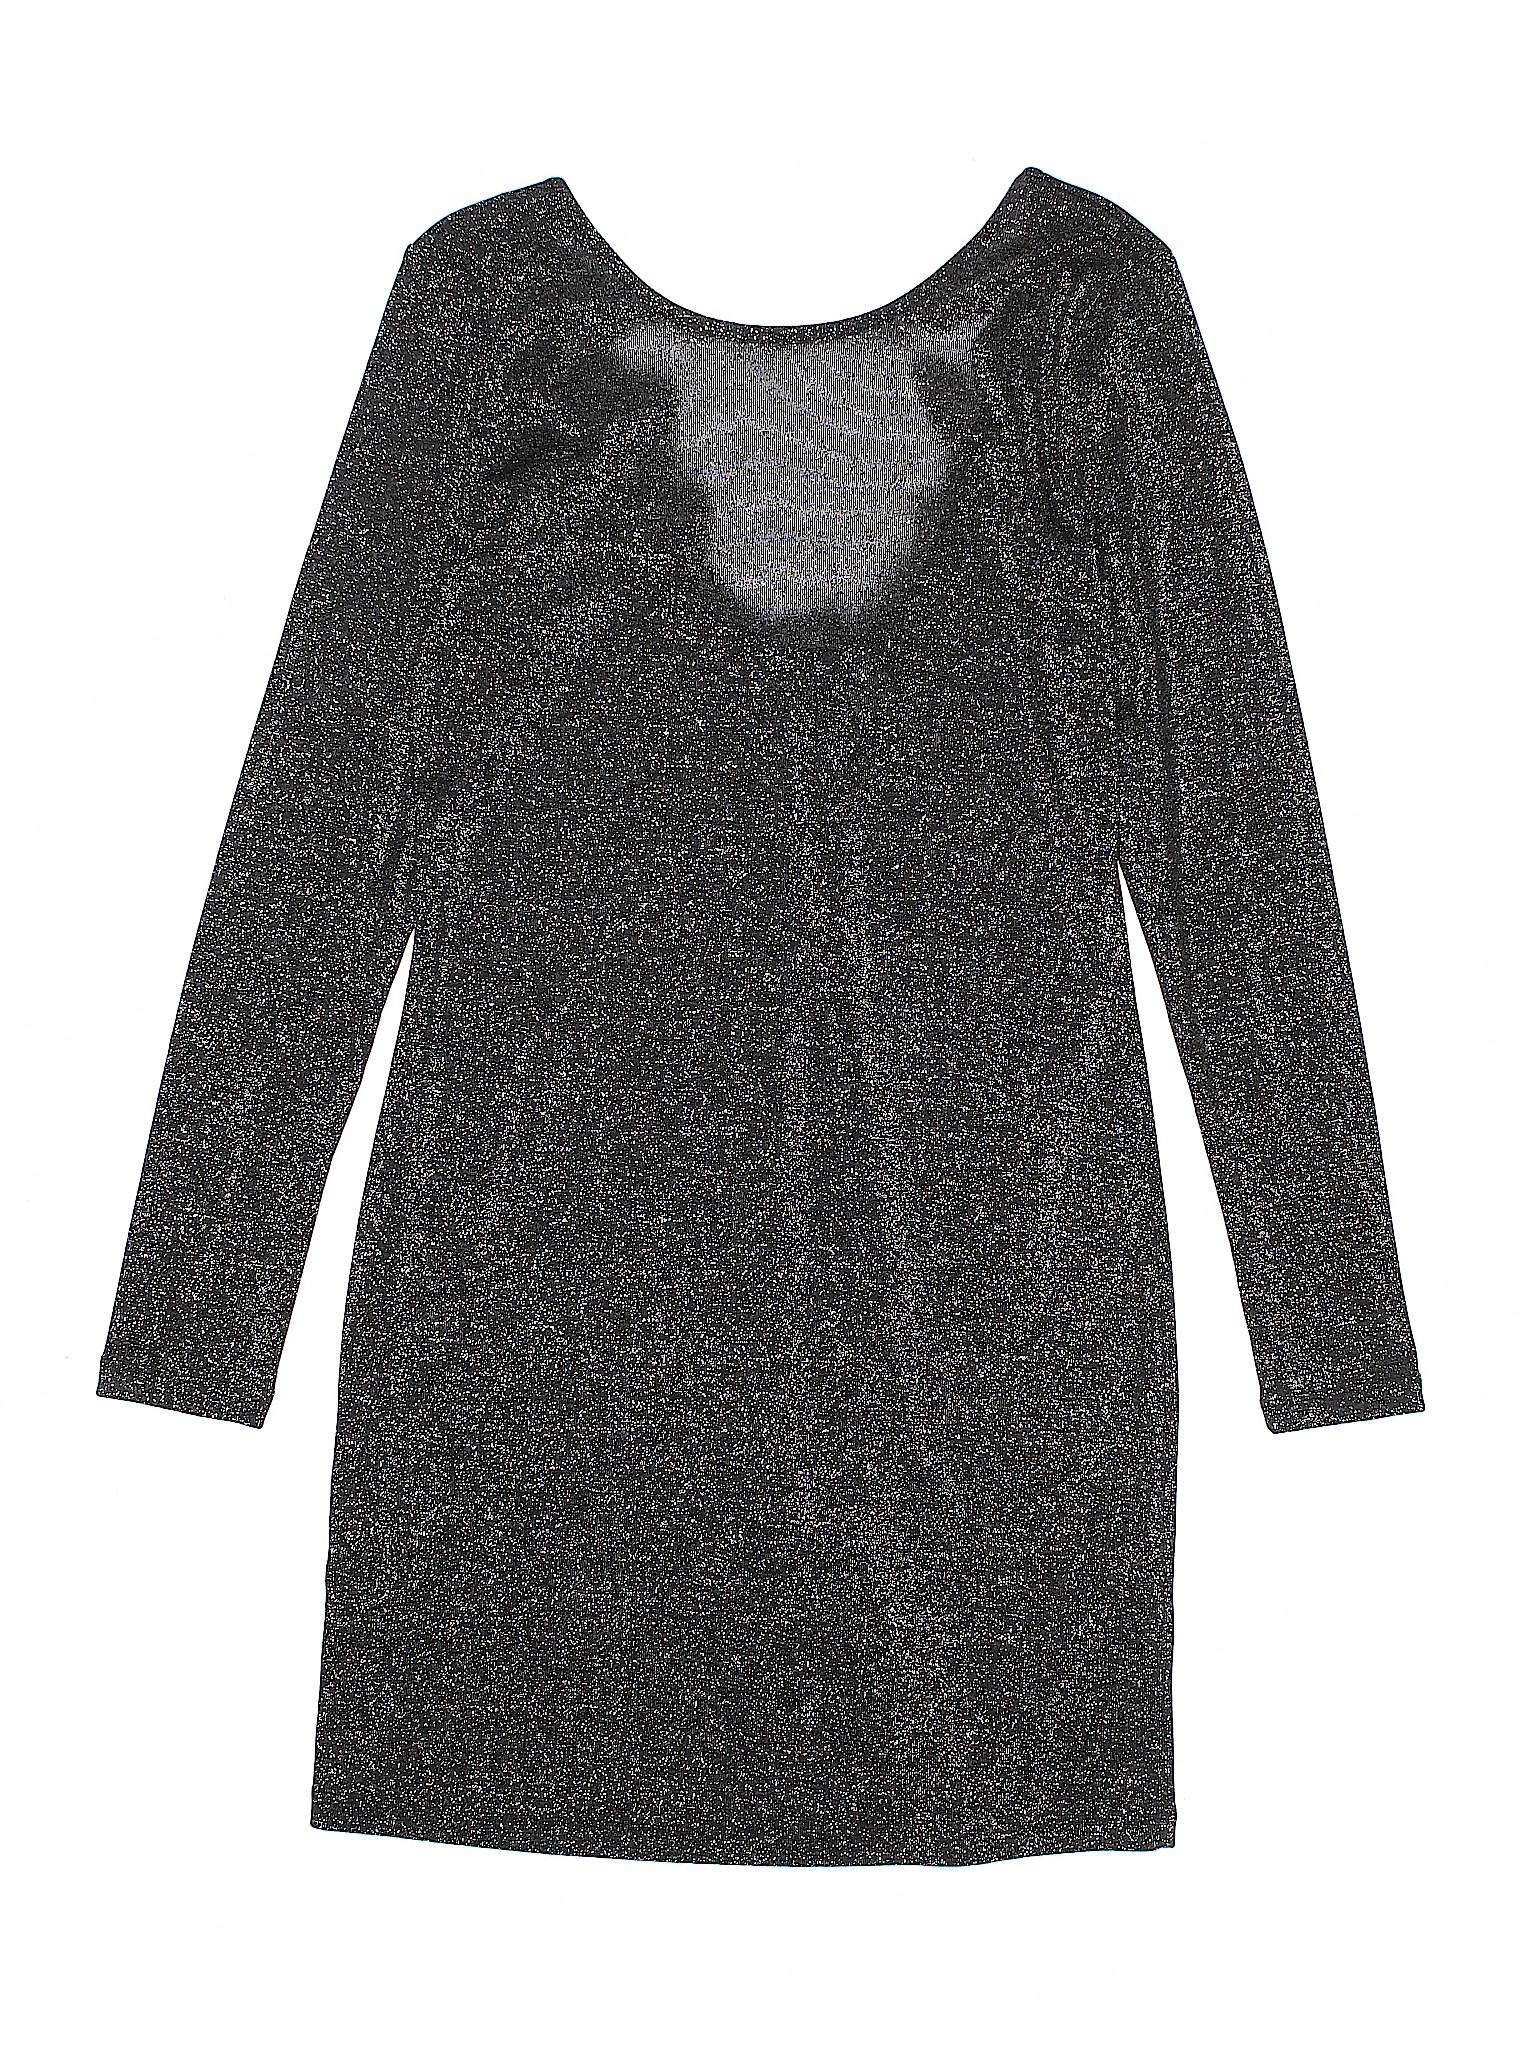 amp;M Boutique H Cocktail winter Dress qxT1afwgR